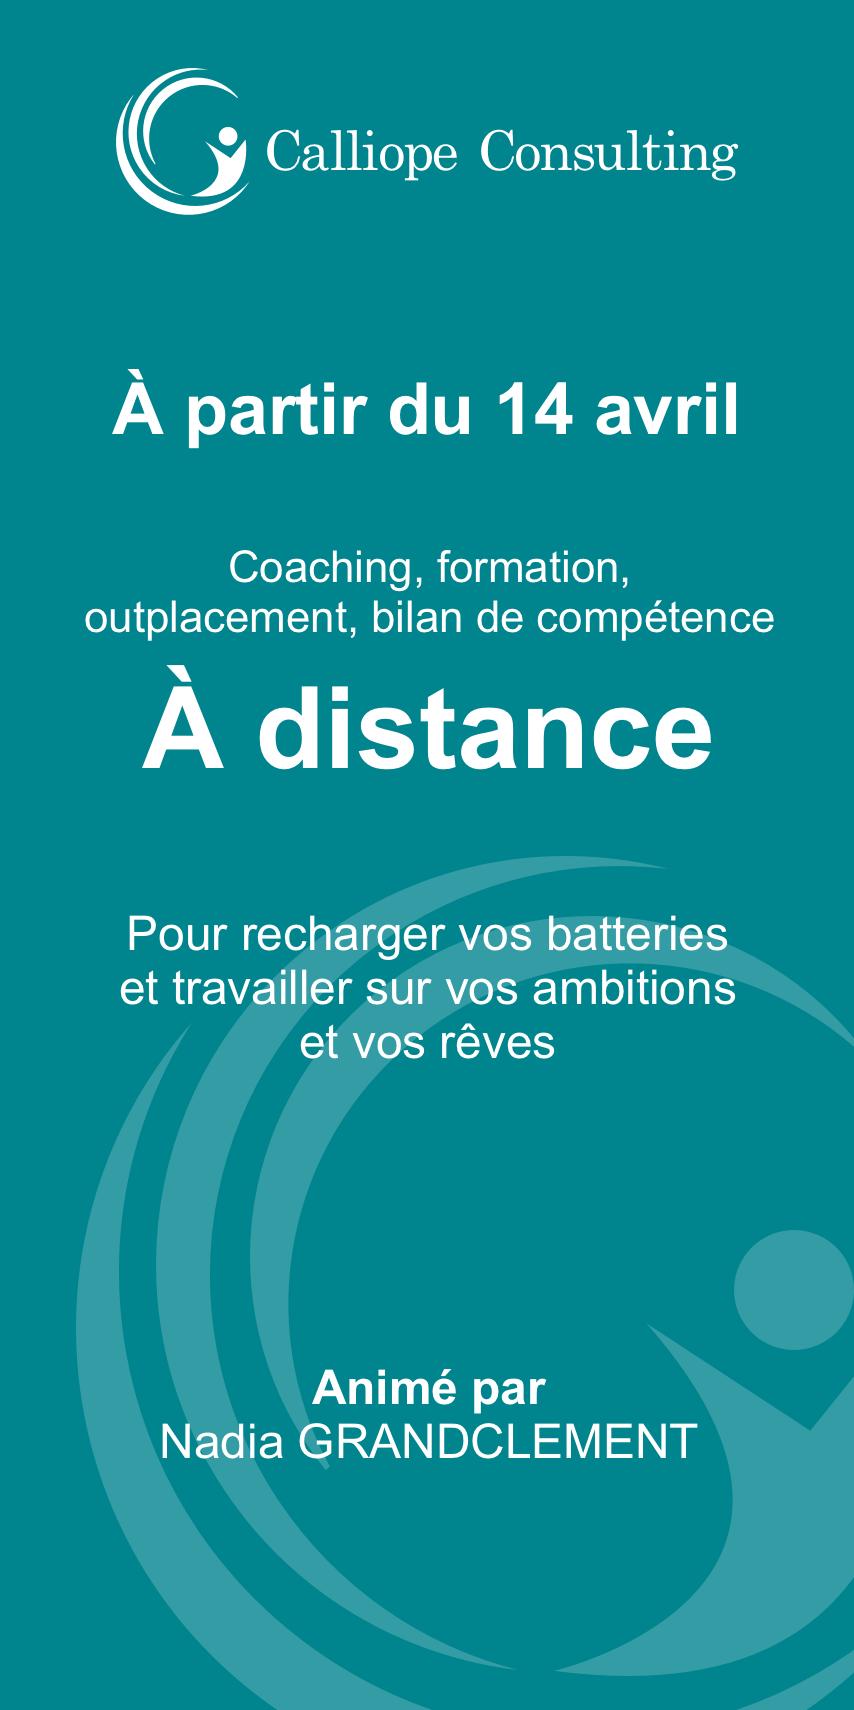 Formations et coaching à distance